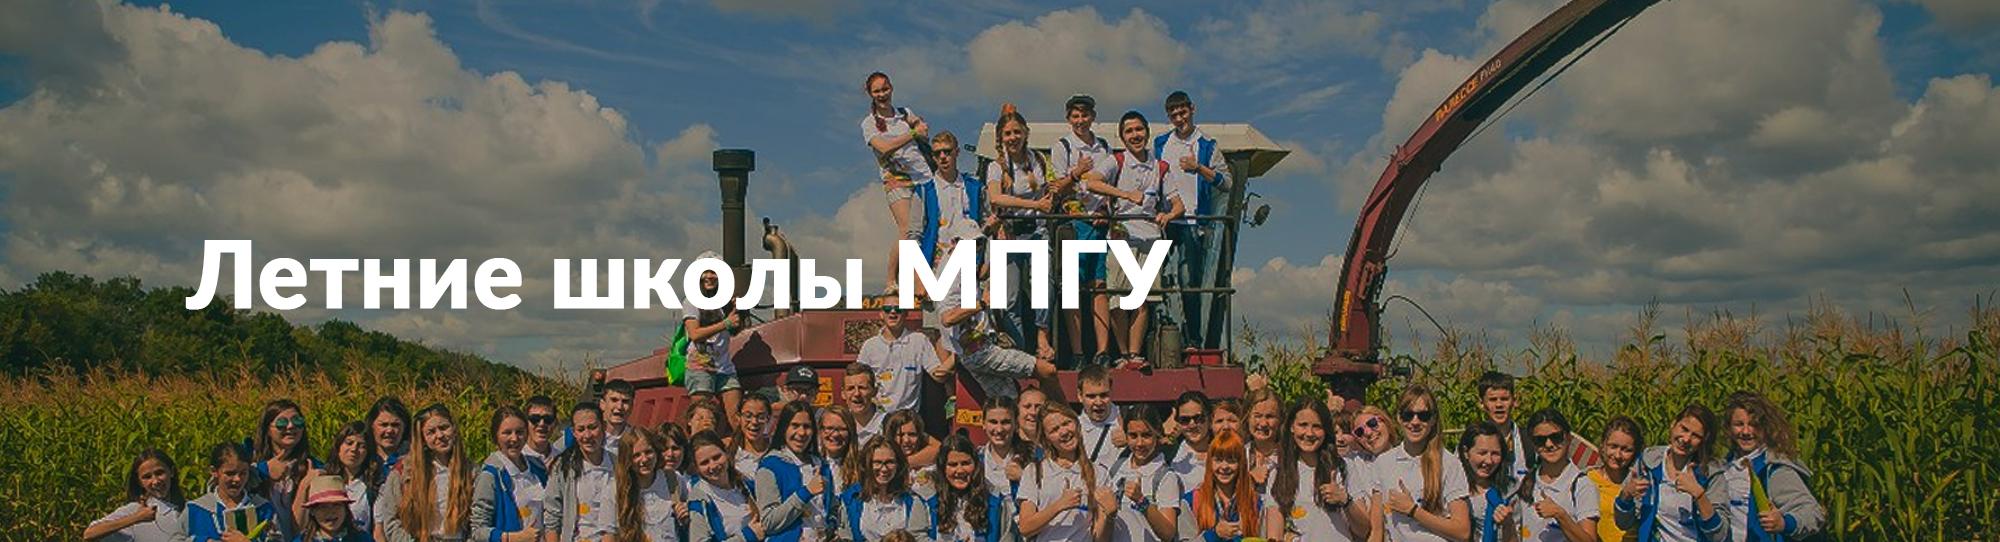 Летние школы МПГУ